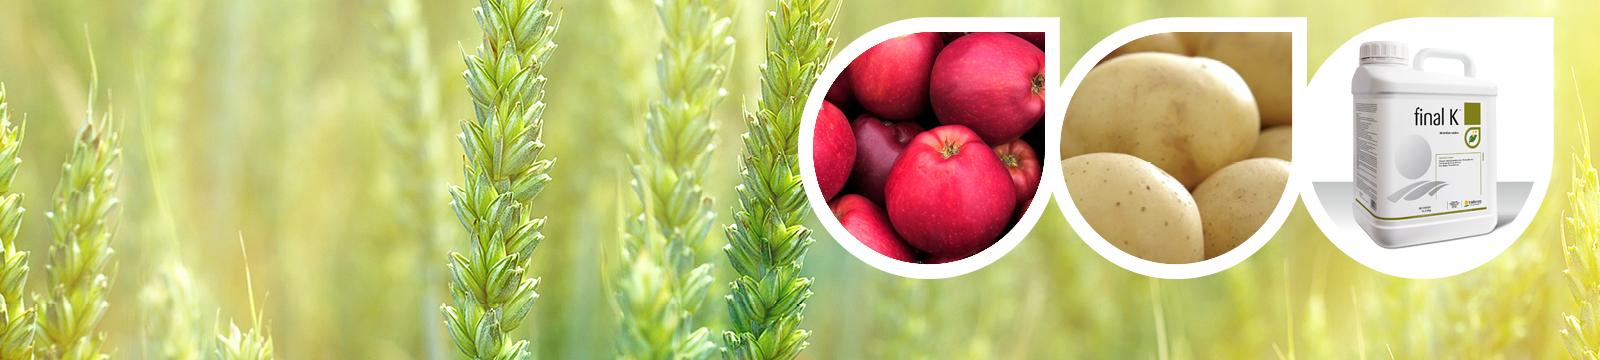 Nouvelle vidéo : Final K, la clé pour améliorer la qualité de votre récolte